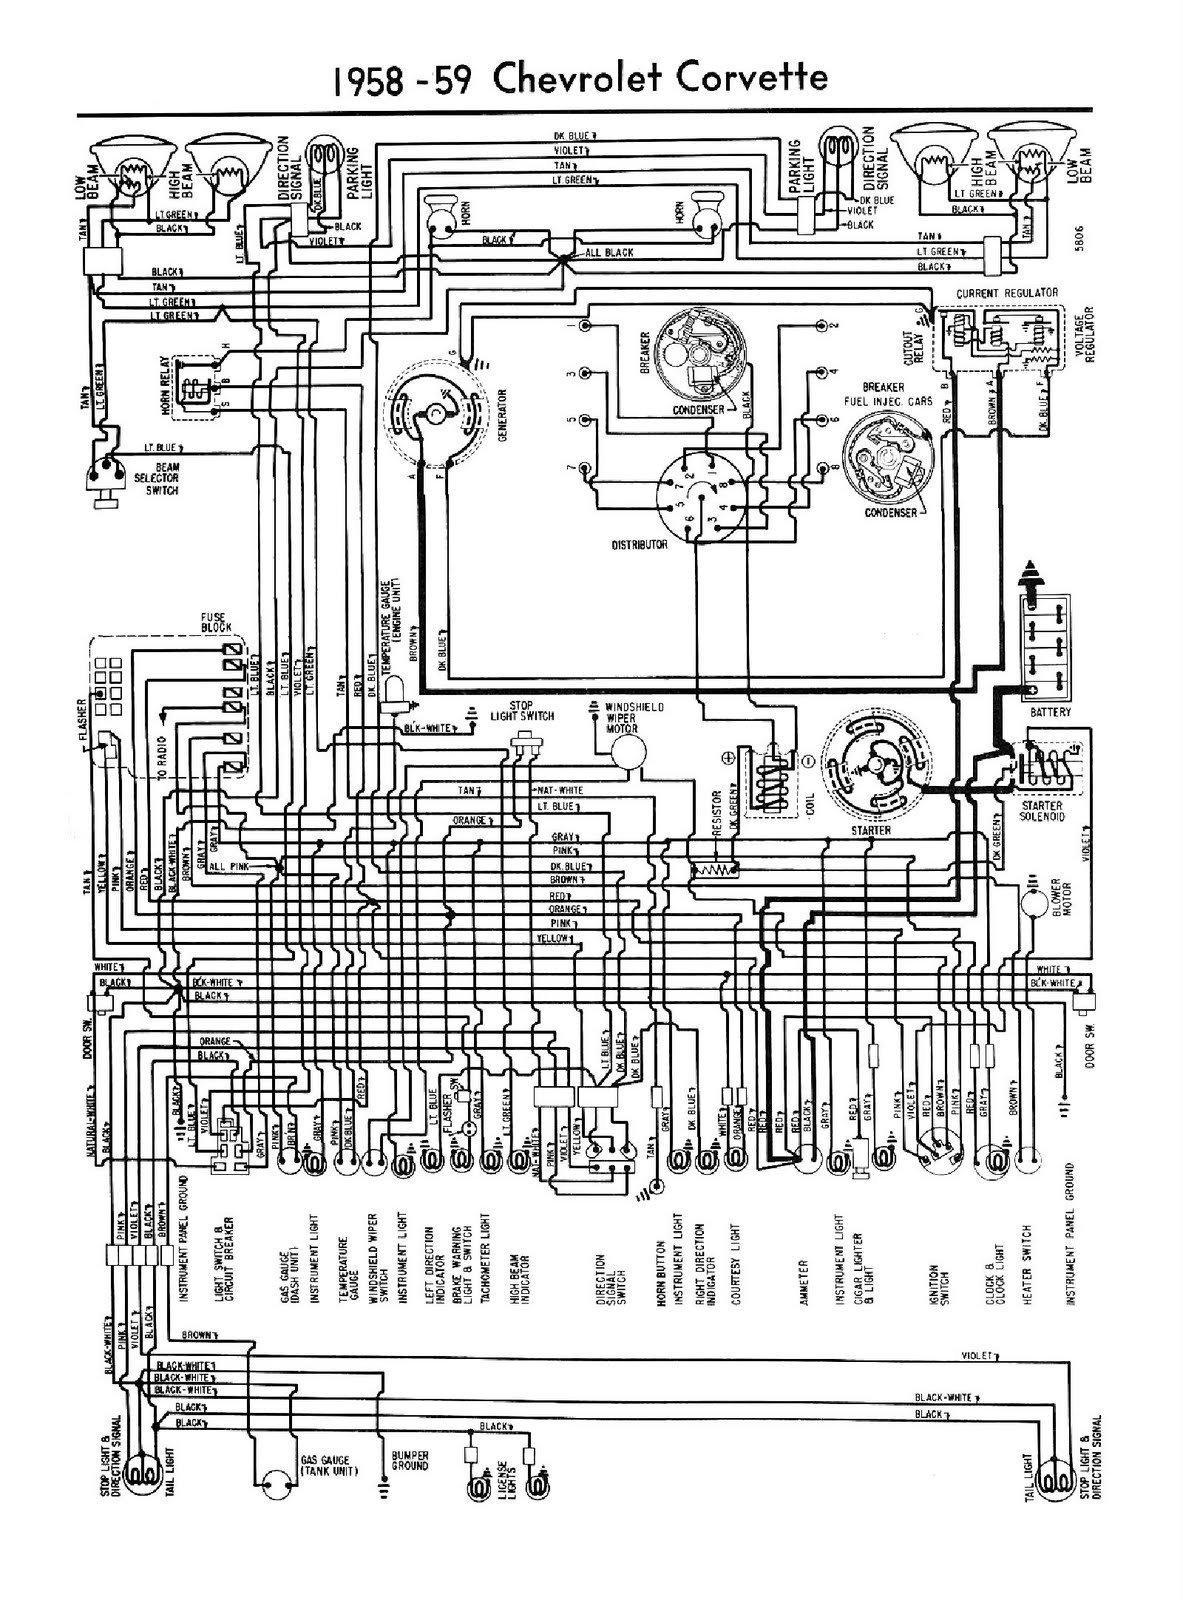 Fuel Gauge Wiring Diagram Further 1953 Chevy Truck Fuel Gauge On 1952